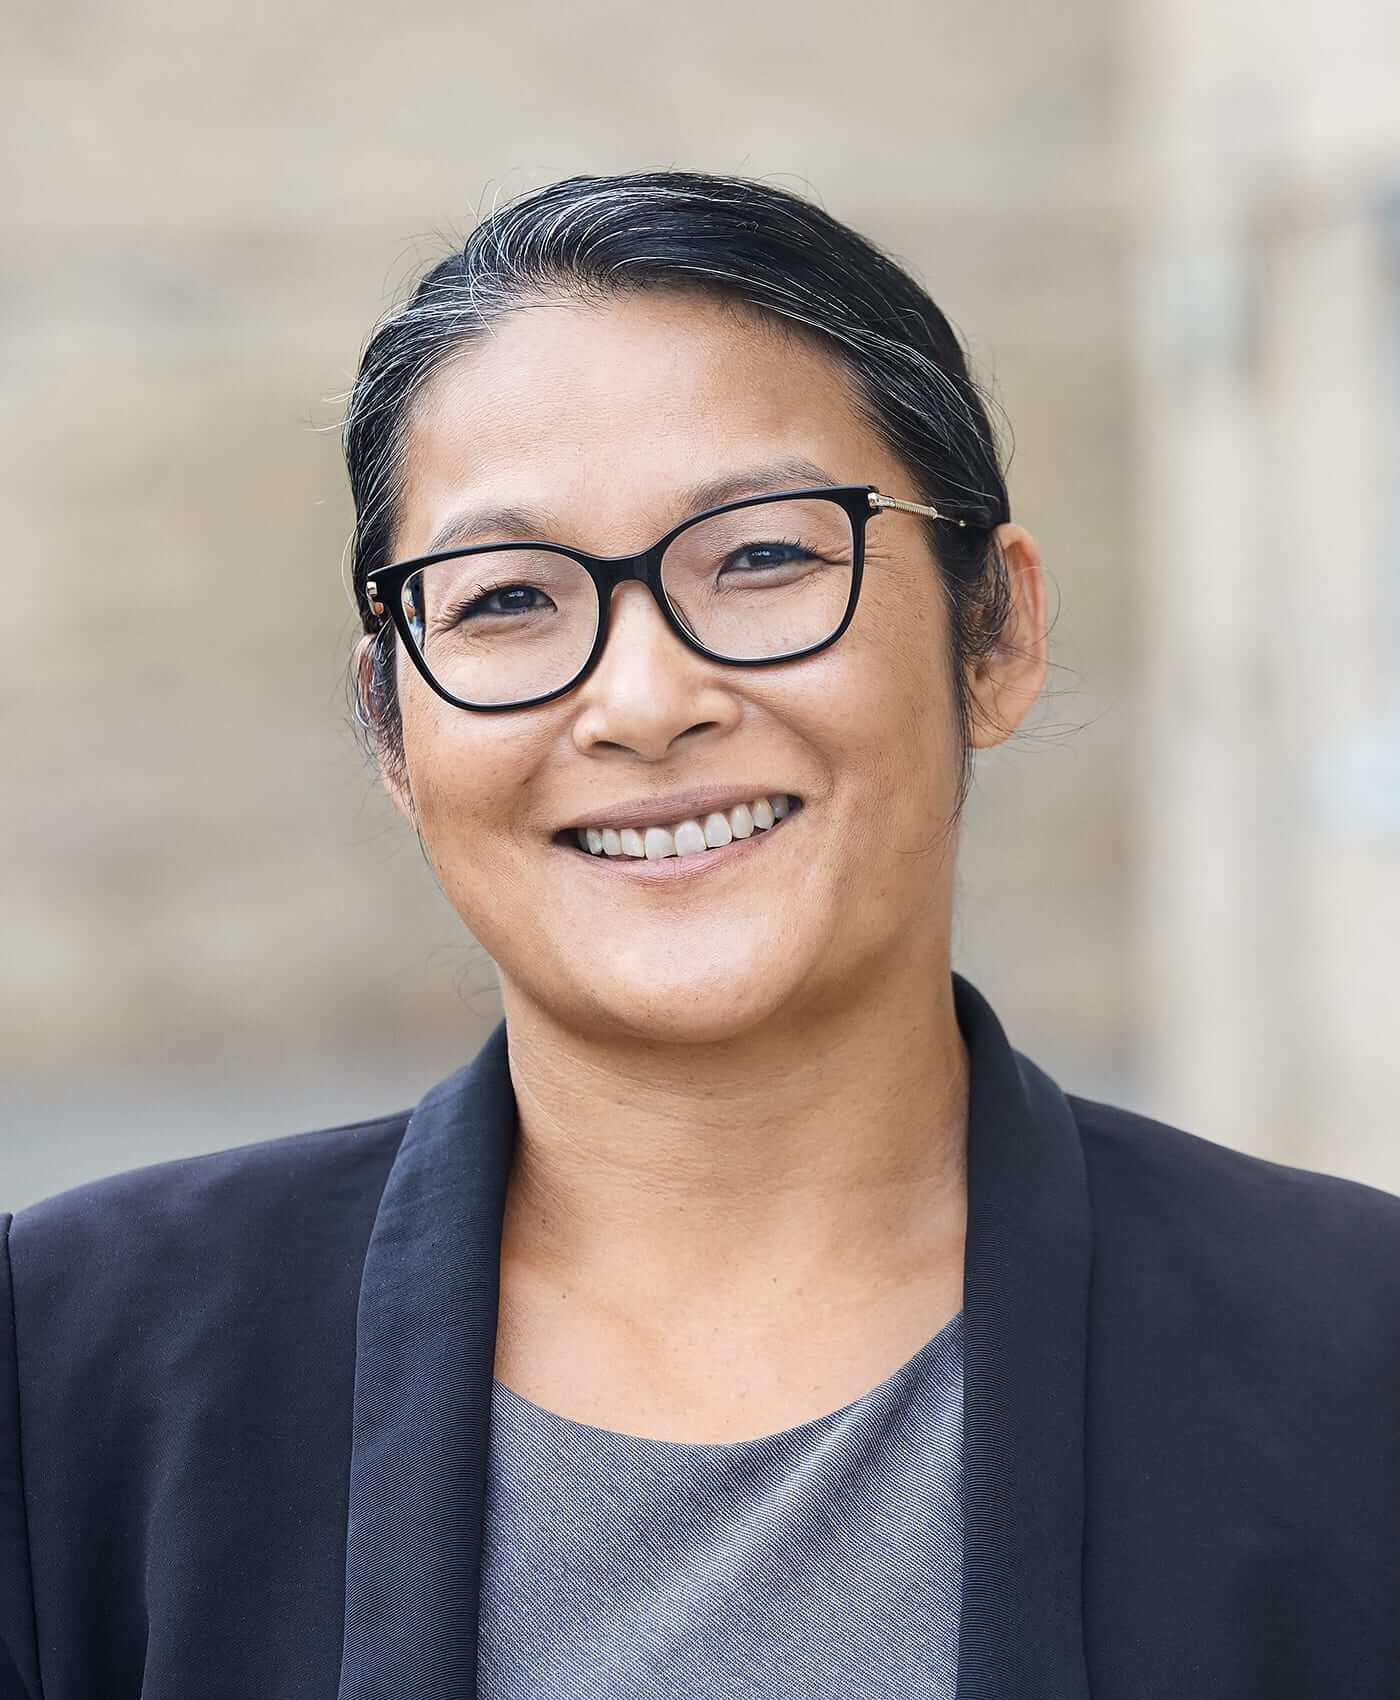 Charlotte Krarup - advokat med speciale indenfor familieret